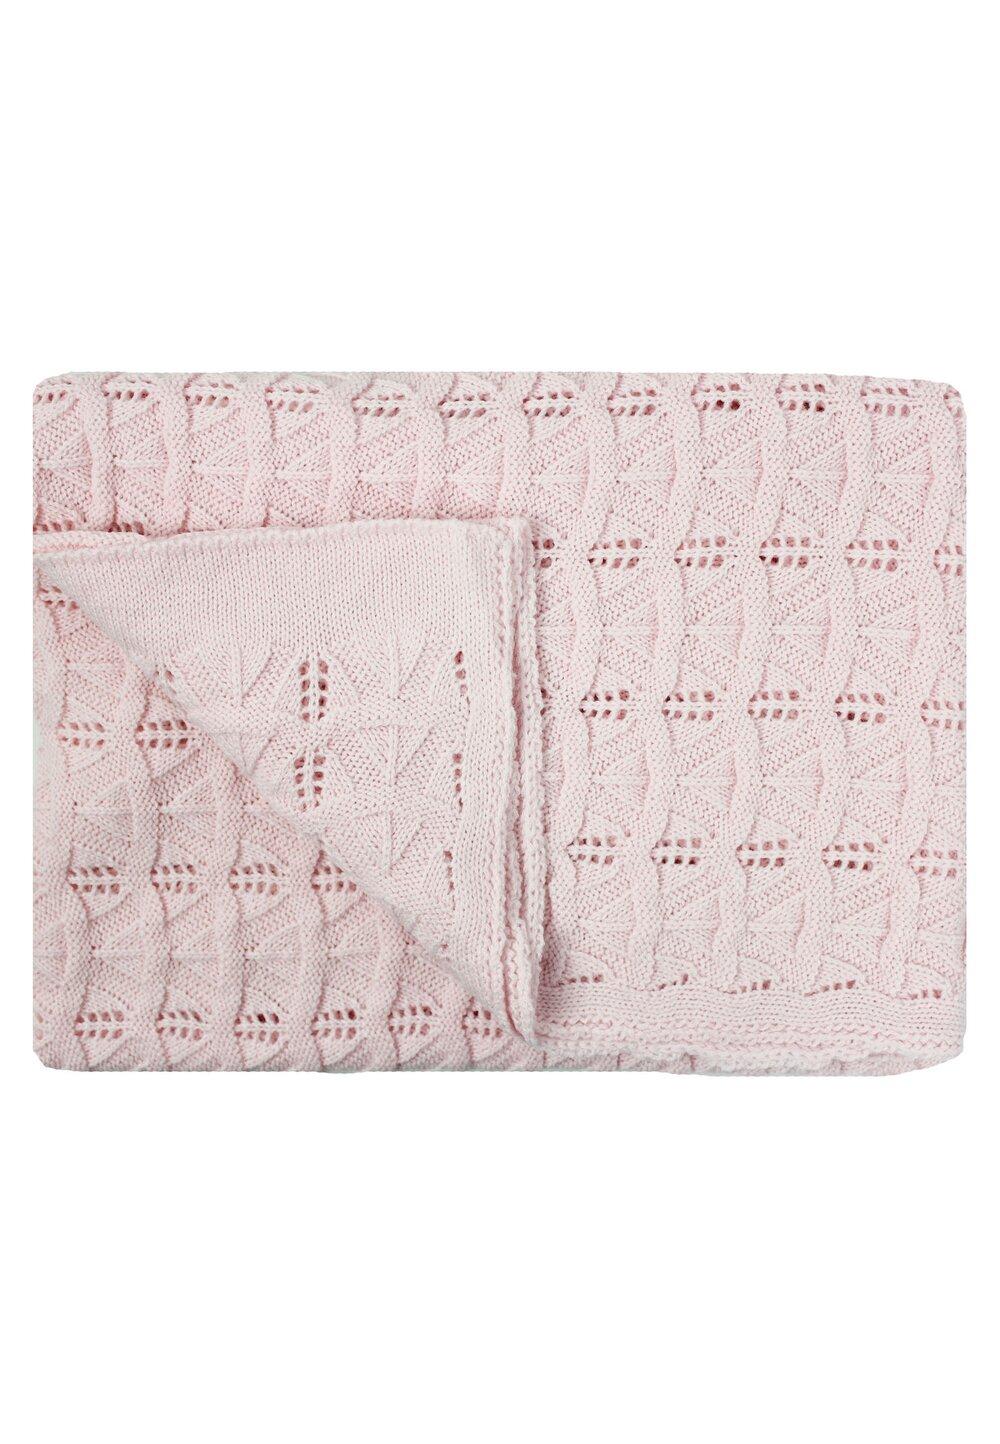 Paturica tricotata, Lola, roz, 90x90cm imagine